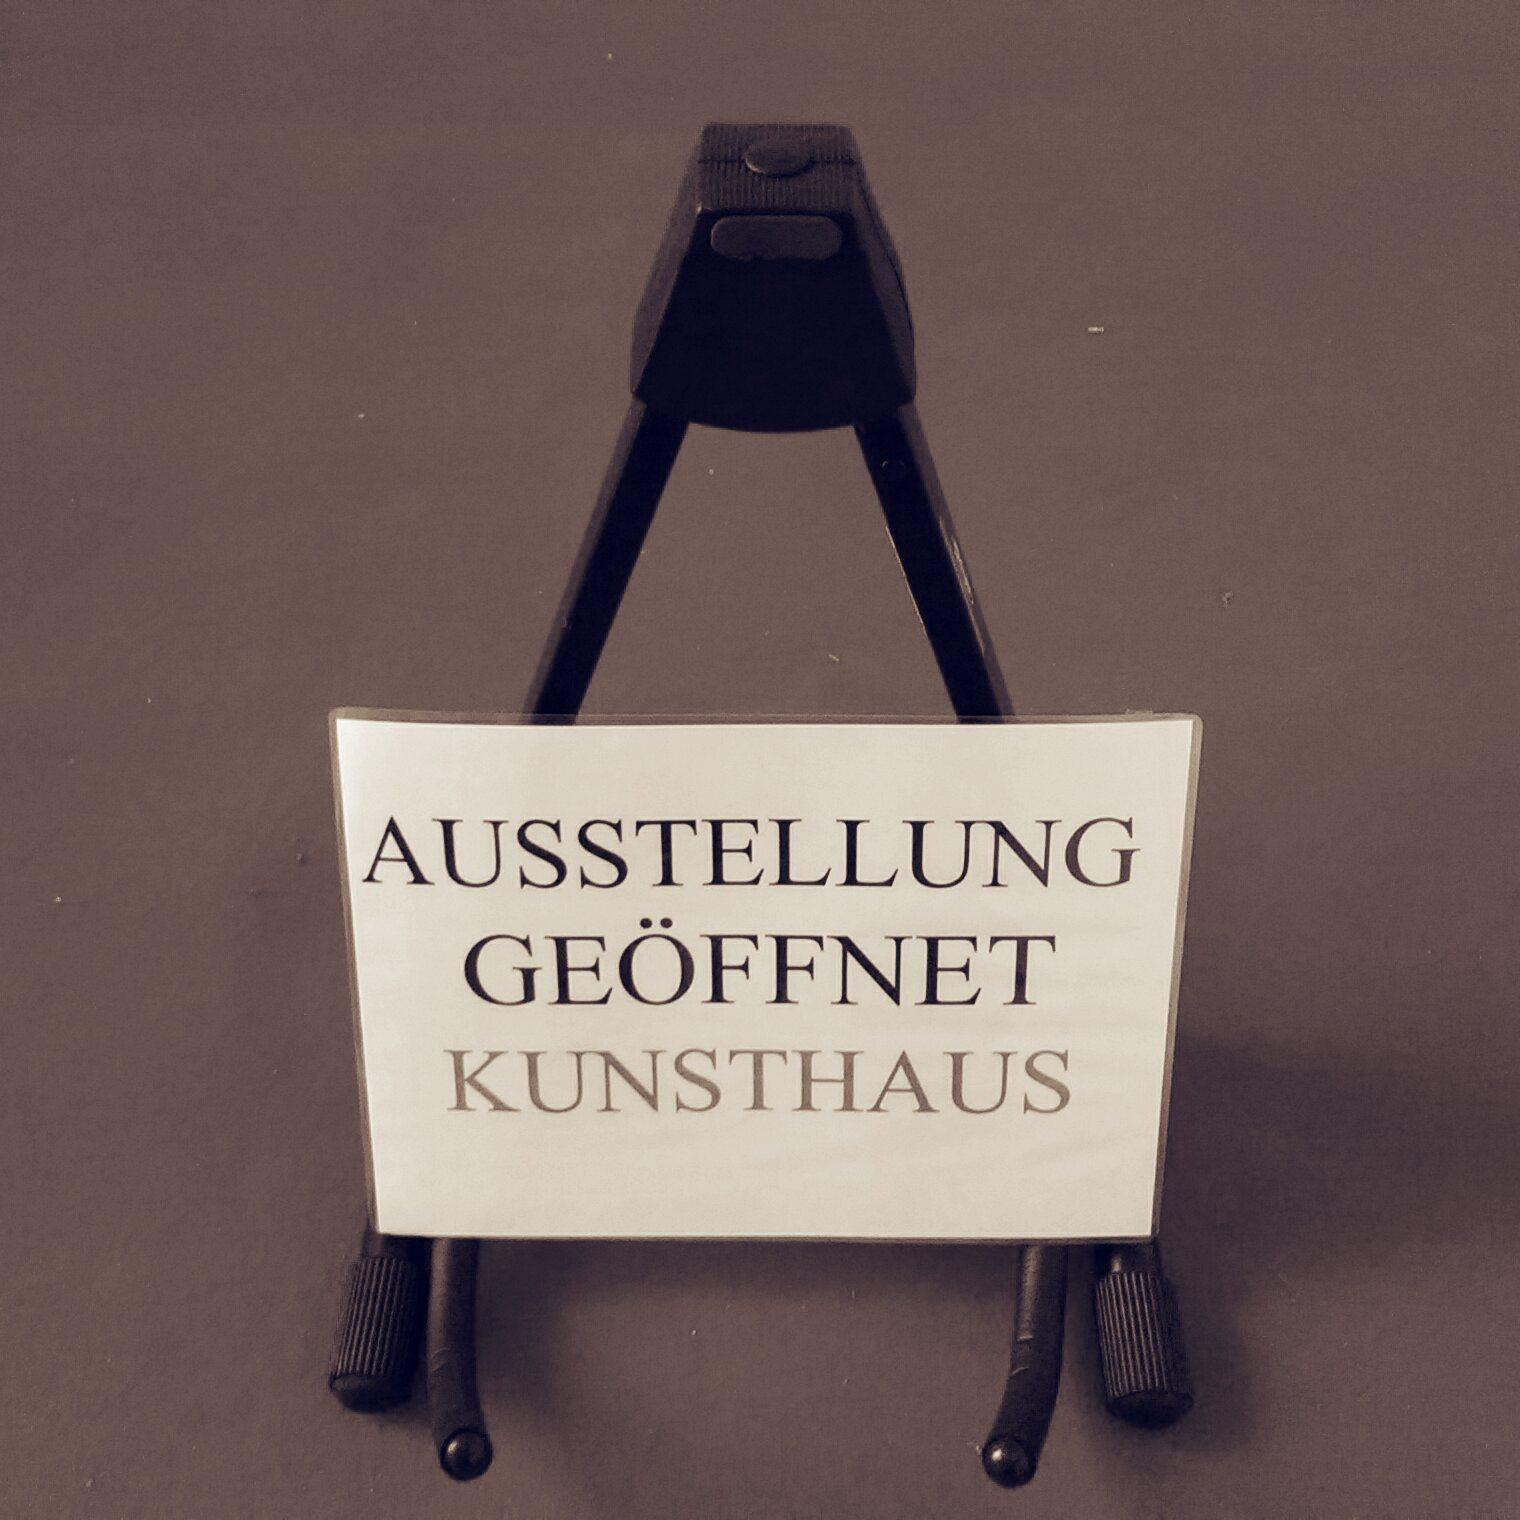 23 von 110 Künstlern aus der Region stellen in der Alten Villa Gelsenkirchen ab 13.12.2015 aus